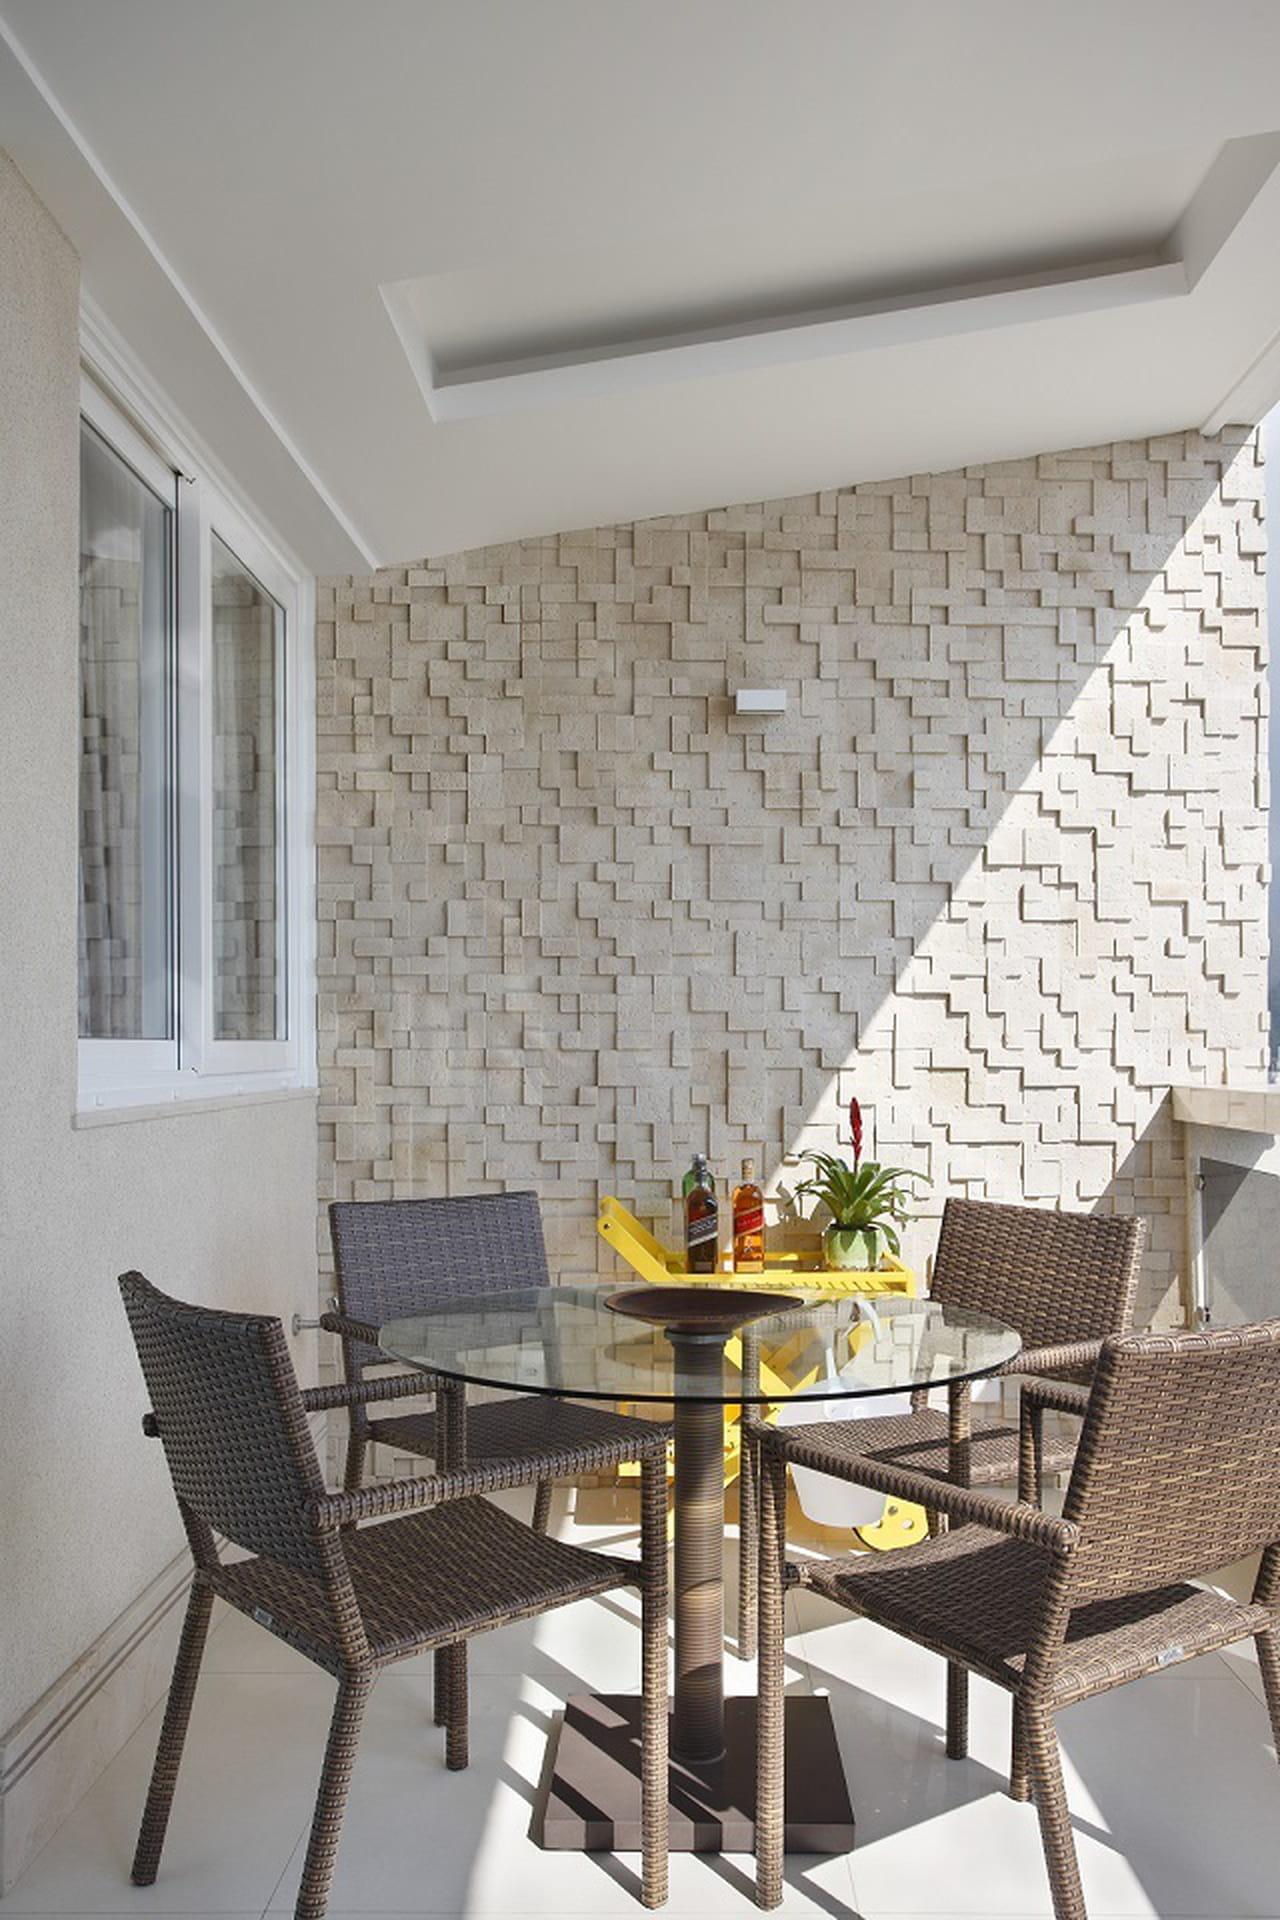 10 dicas para decorar varandas pequenas -> Ideias Para Decorar Quitinetes Pequenas